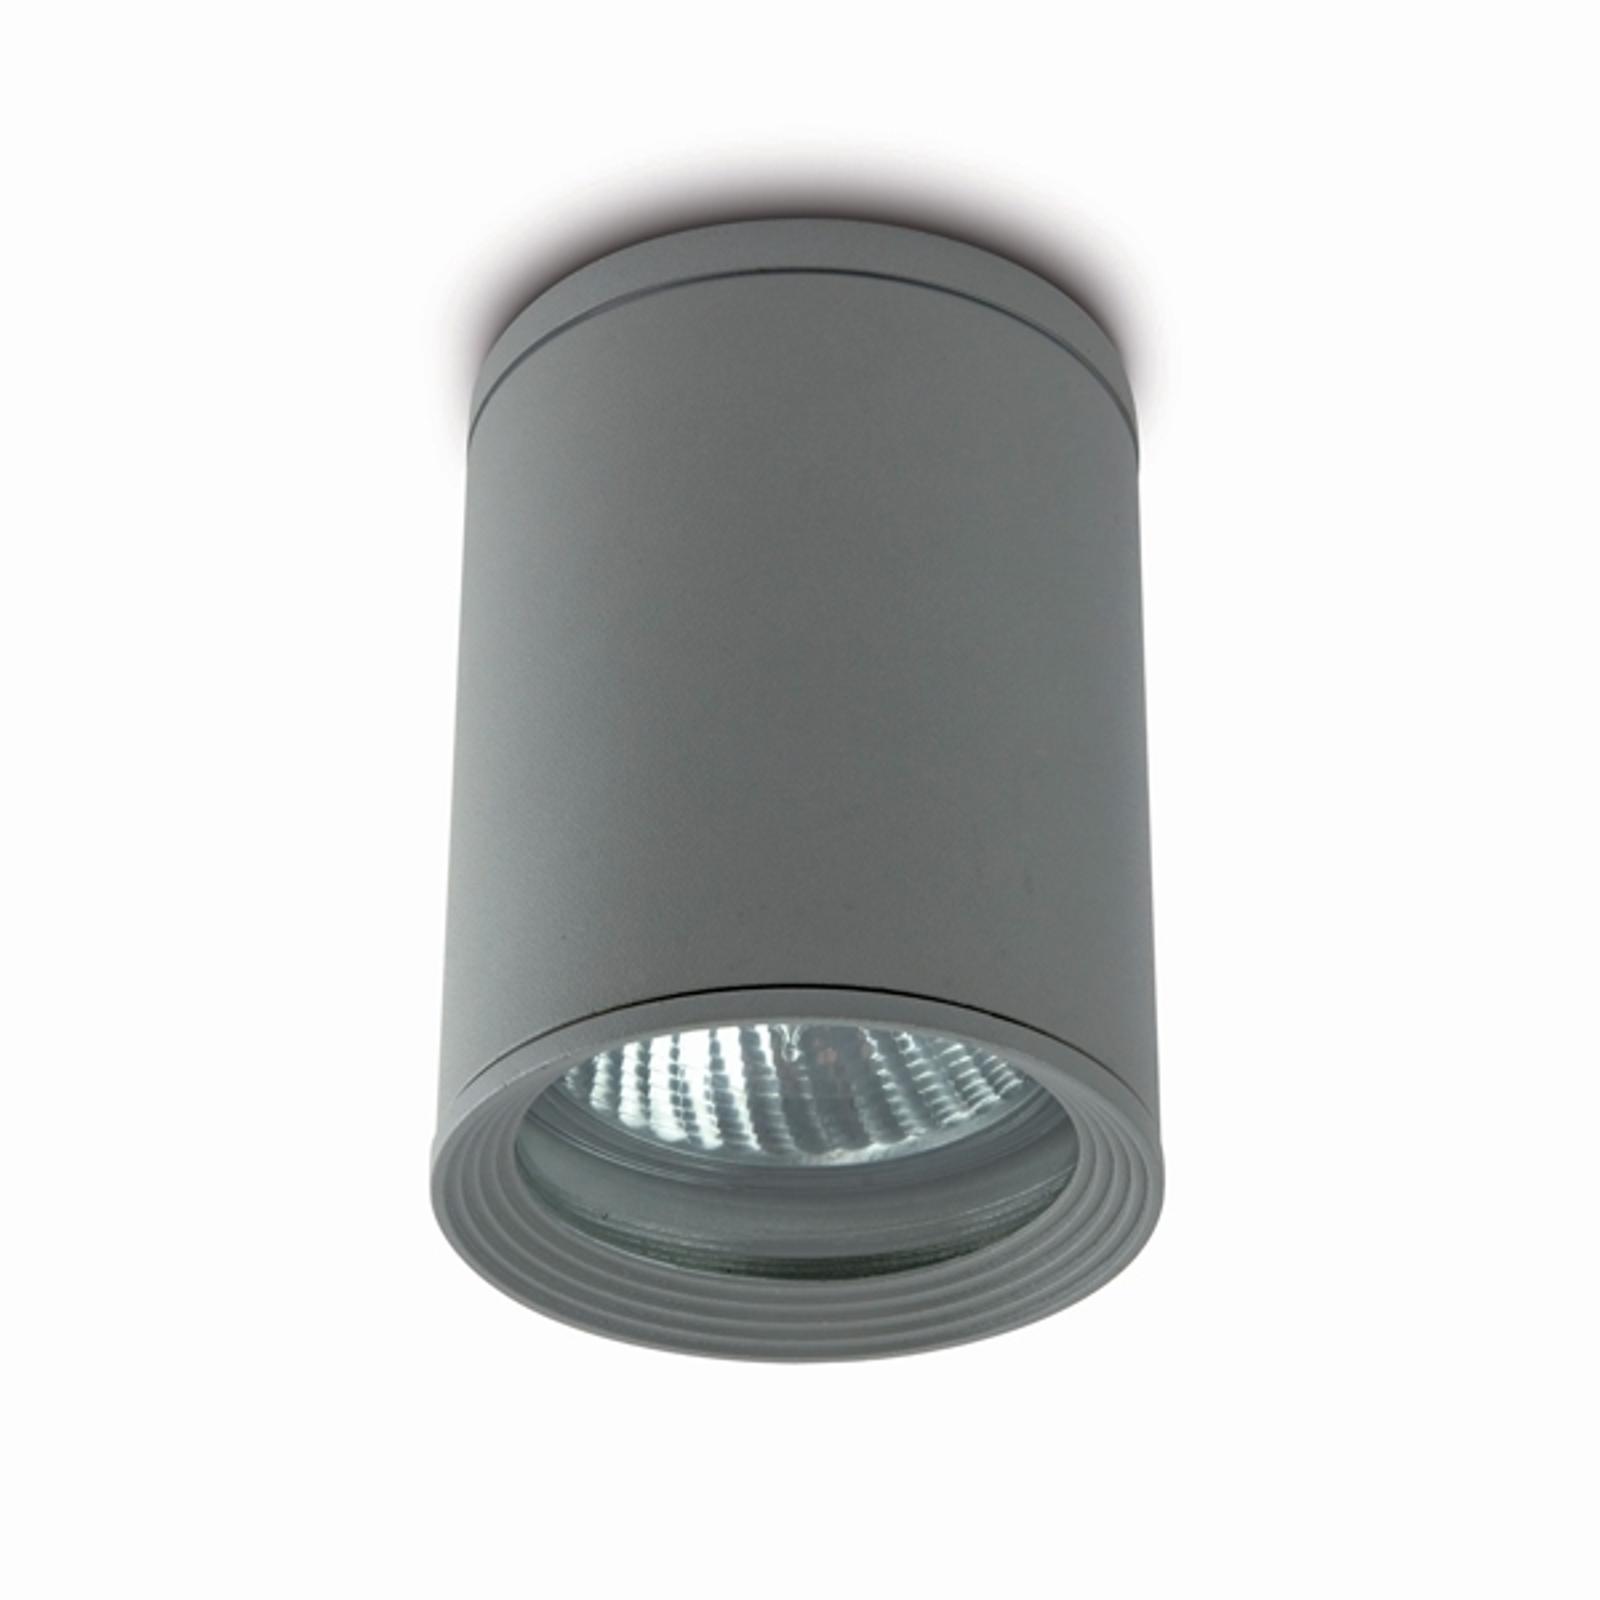 Högkvalitativ taklampa för utomhusbruk Tasa